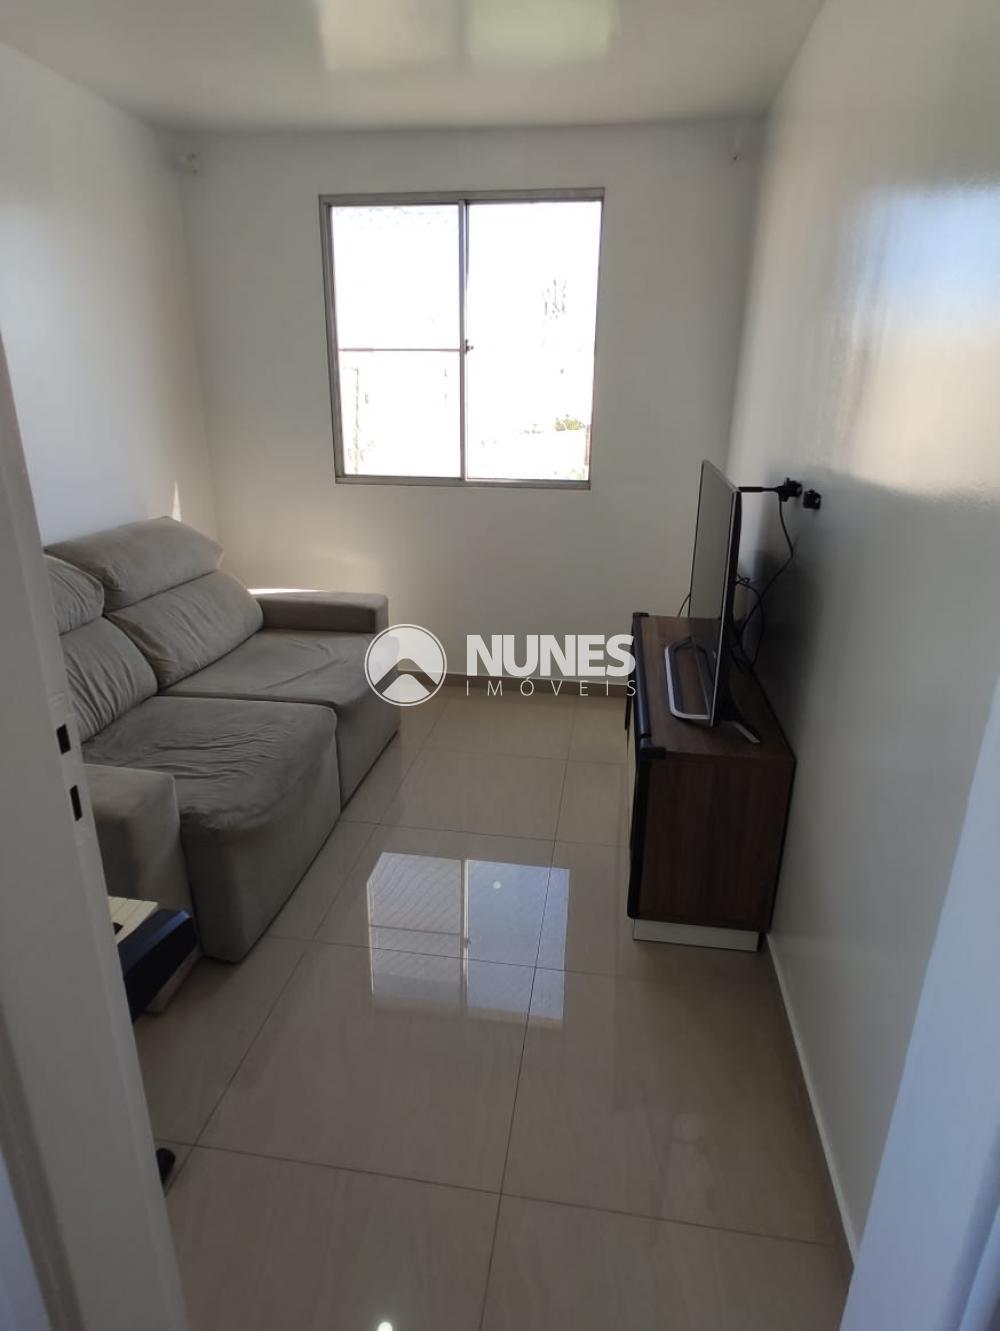 Comprar Apartamento / Padrão em Osasco apenas R$ 290.000,00 - Foto 4